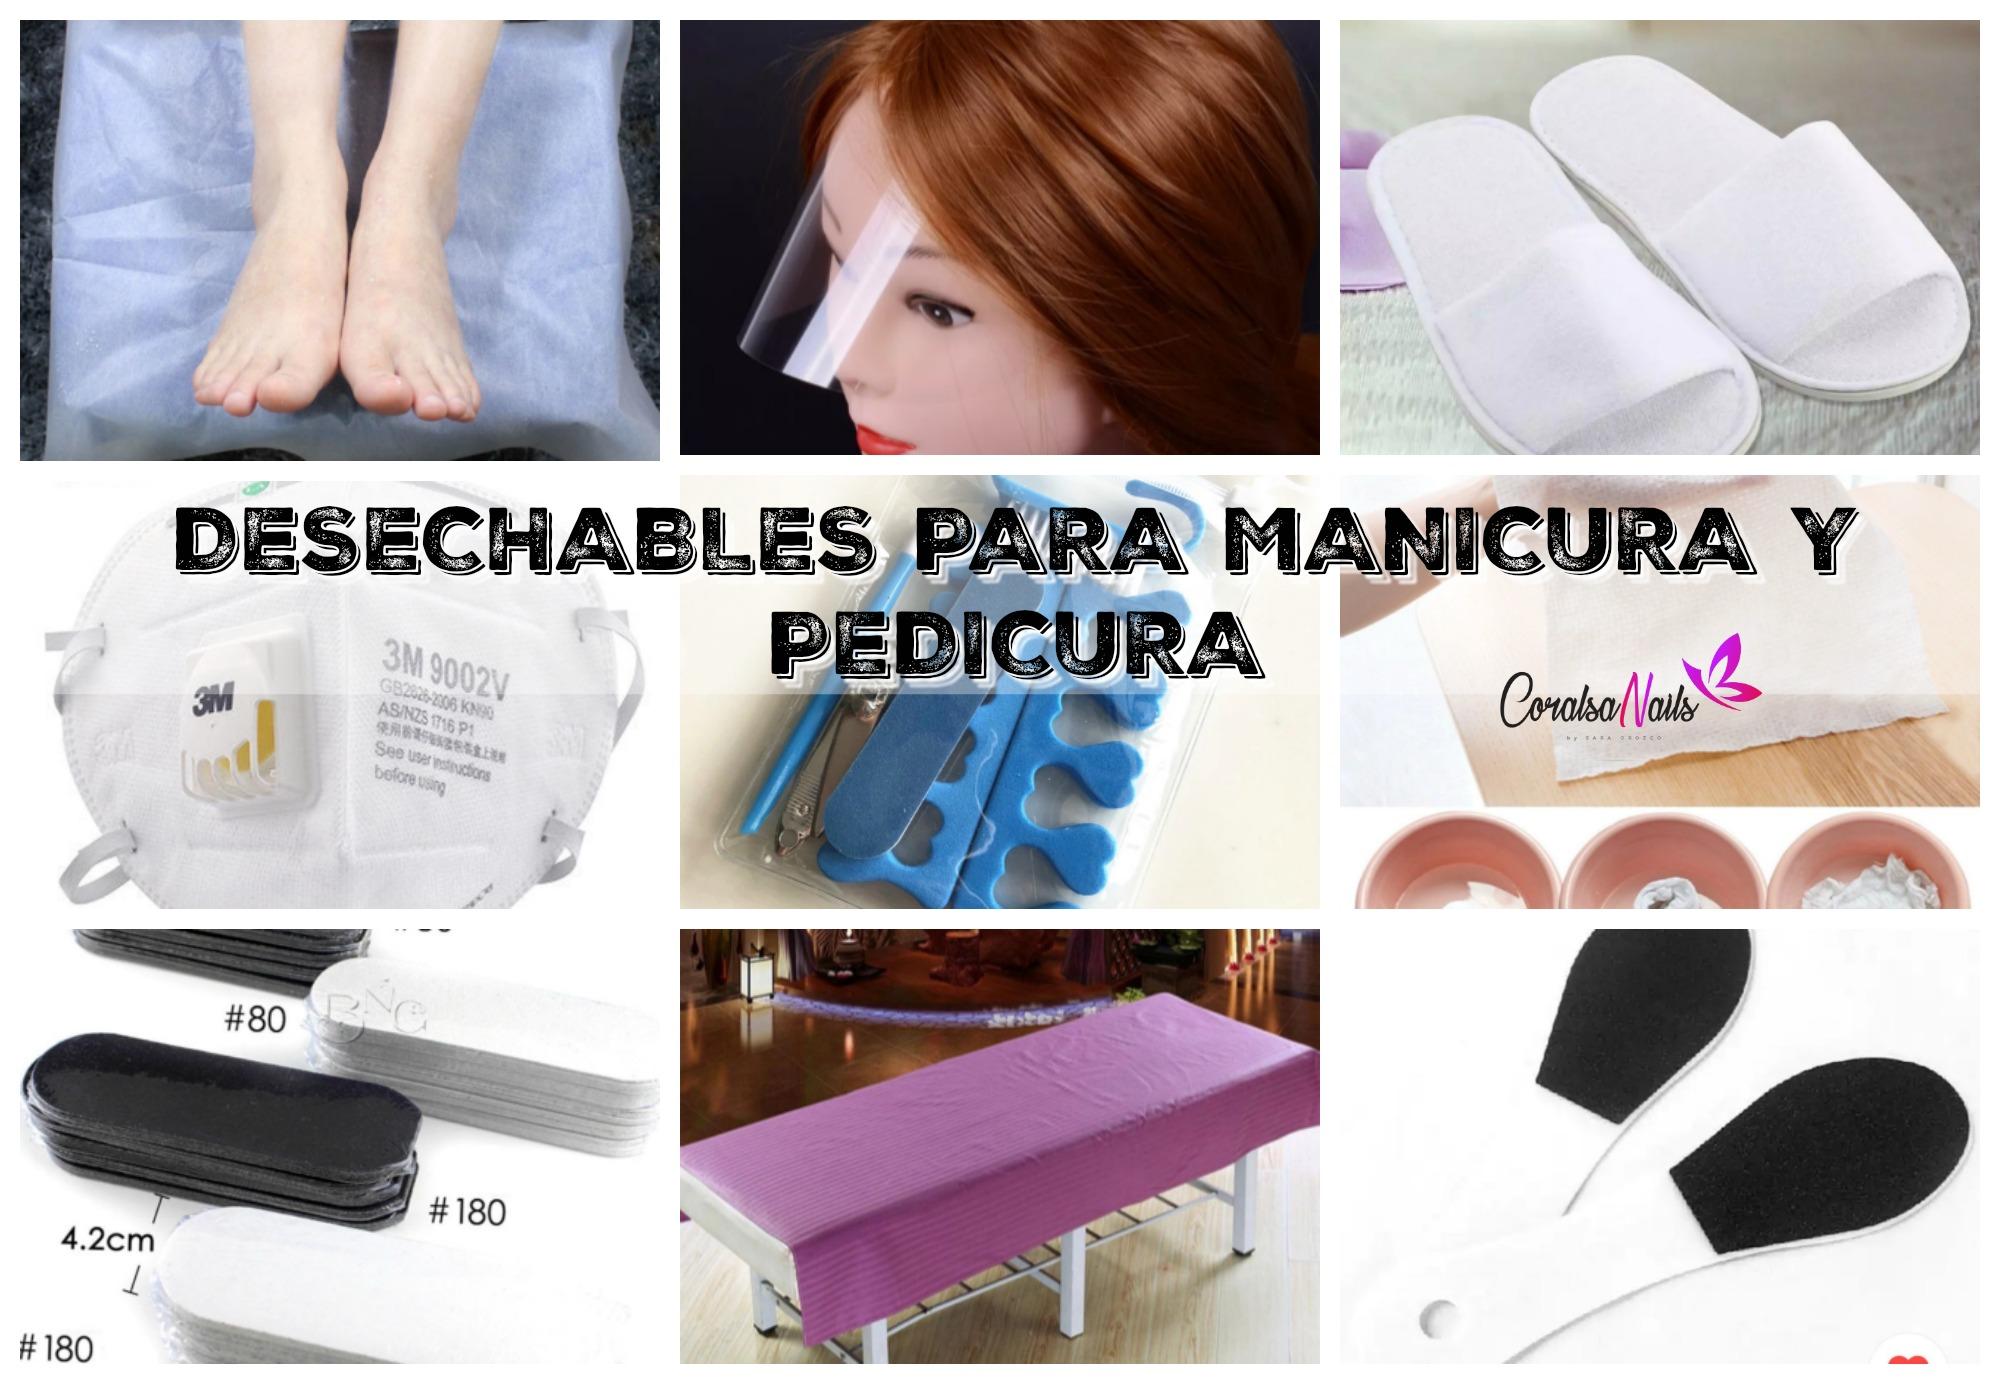 Productos Desechables para Manicura y Pedicura